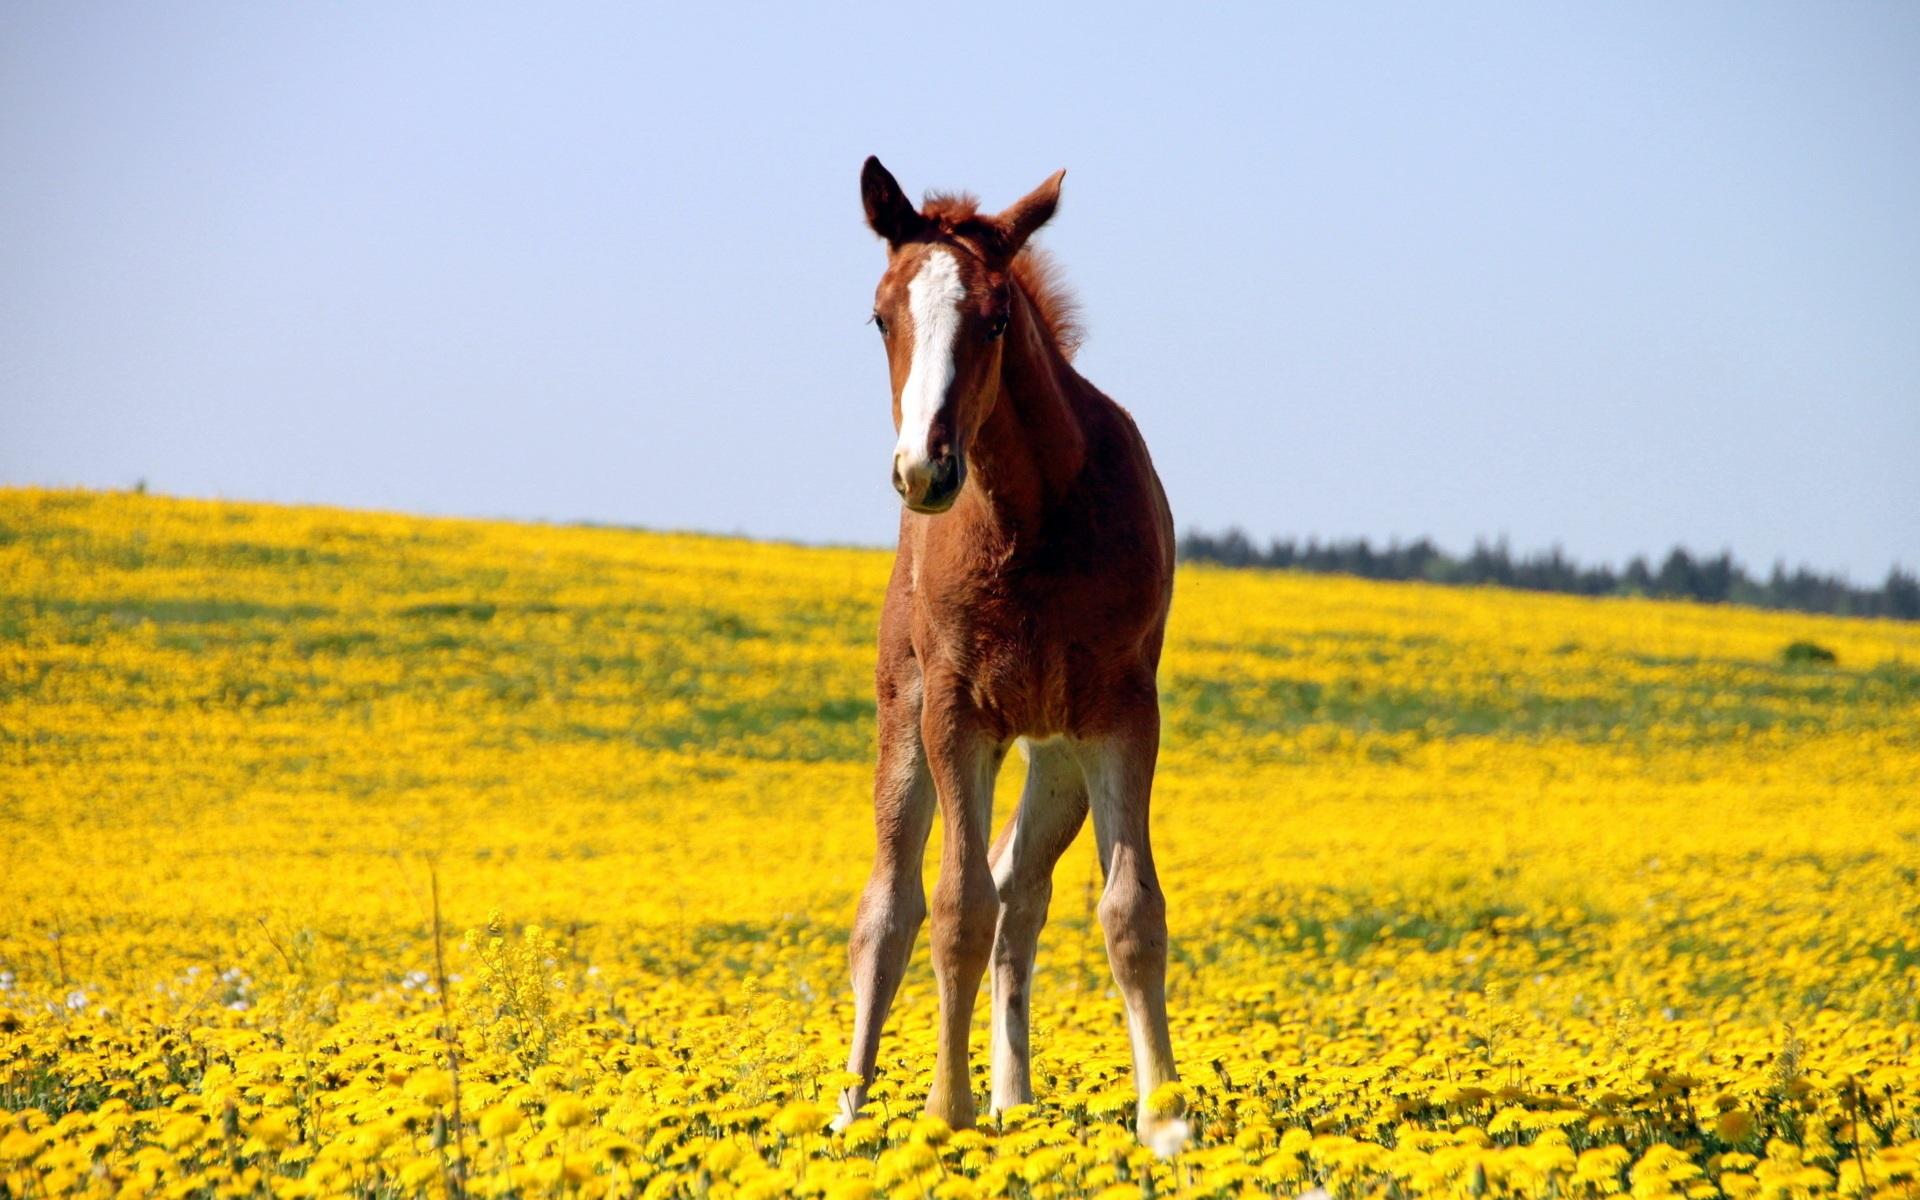 horse desktop wallpaper pictures 59327